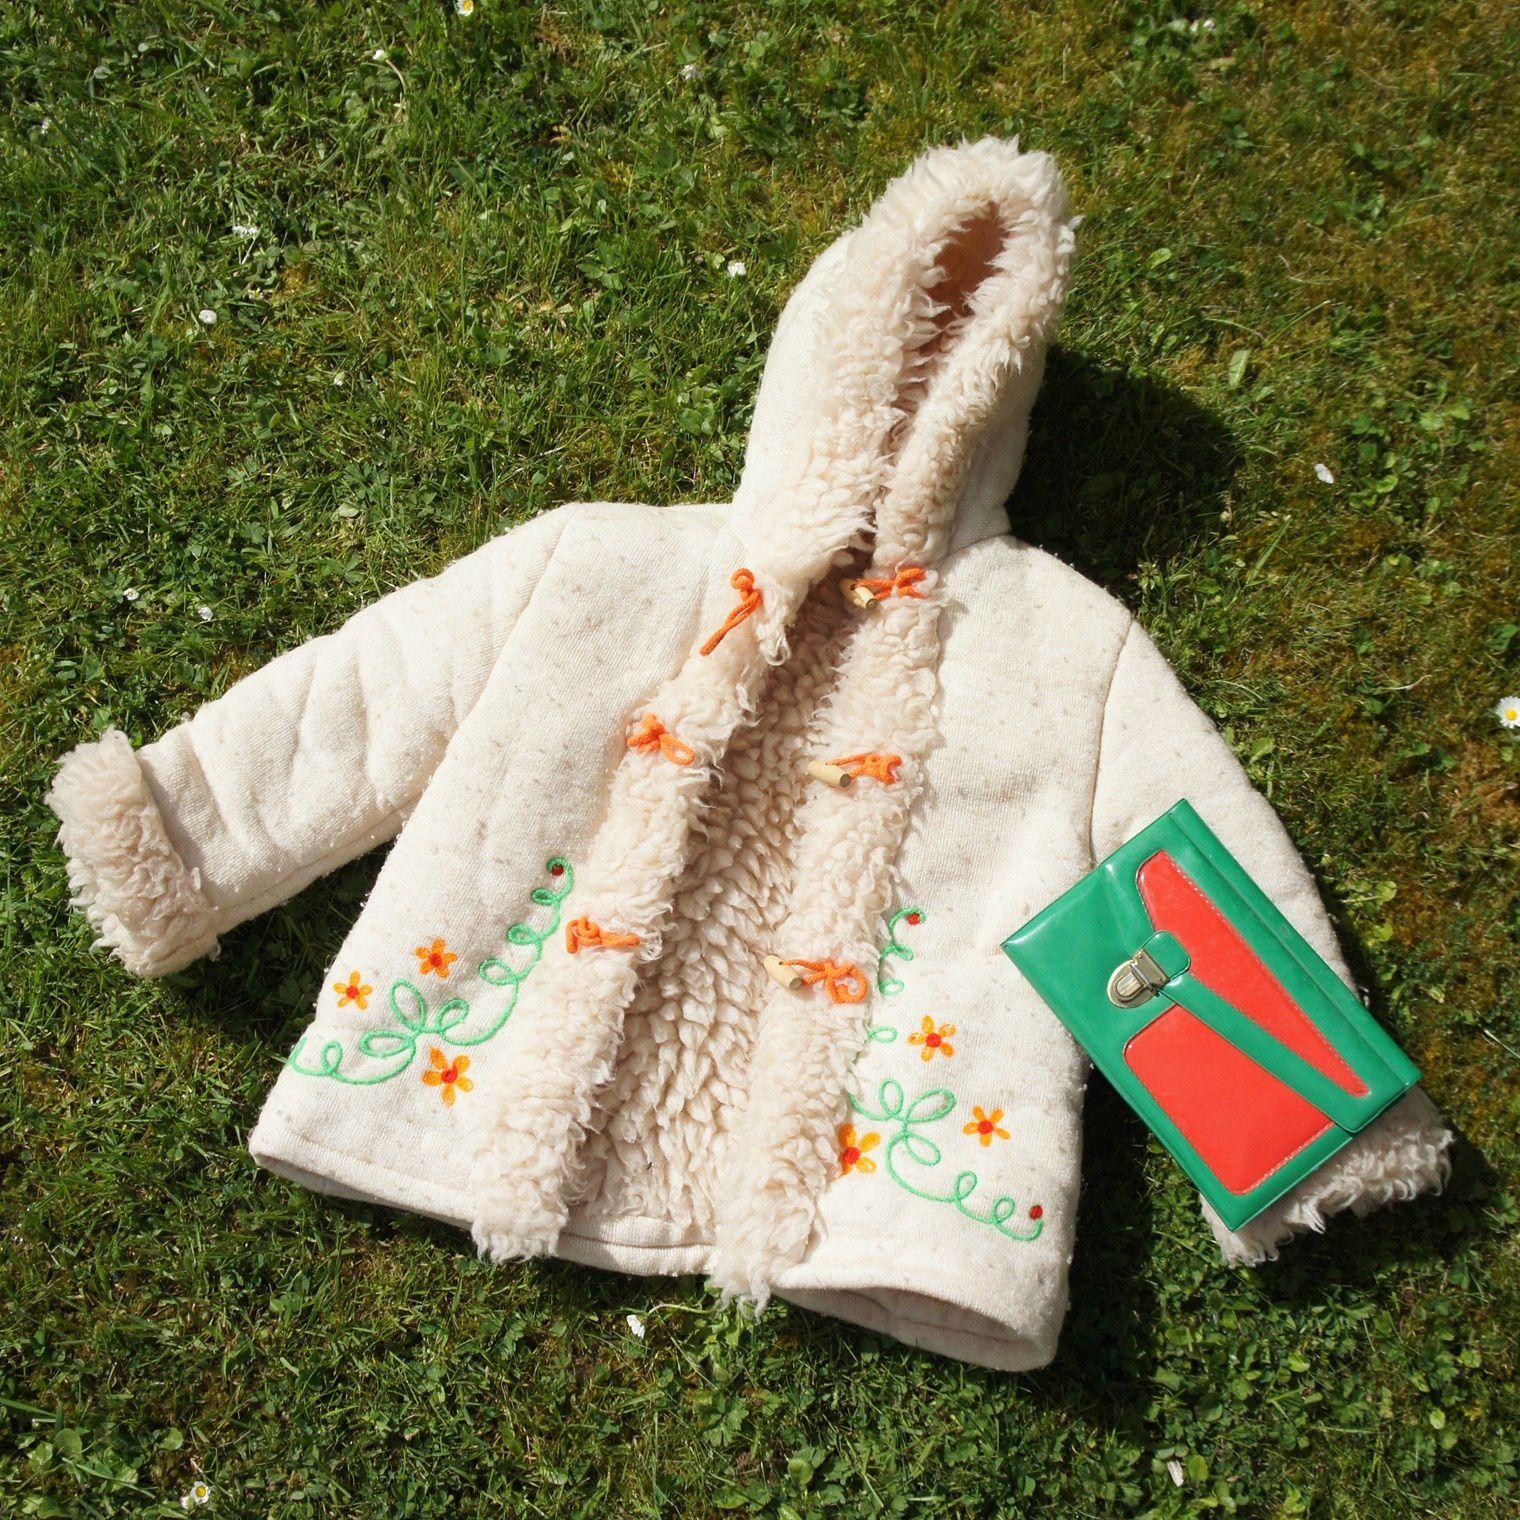 Mon manteau Natalys et mon premier plumier, pile poil dans la tendance seventies. Une fois (re)lavé et débarrassé de ses bouloches, le manteau servira à la Poule. A noter: la marque existe toujours!